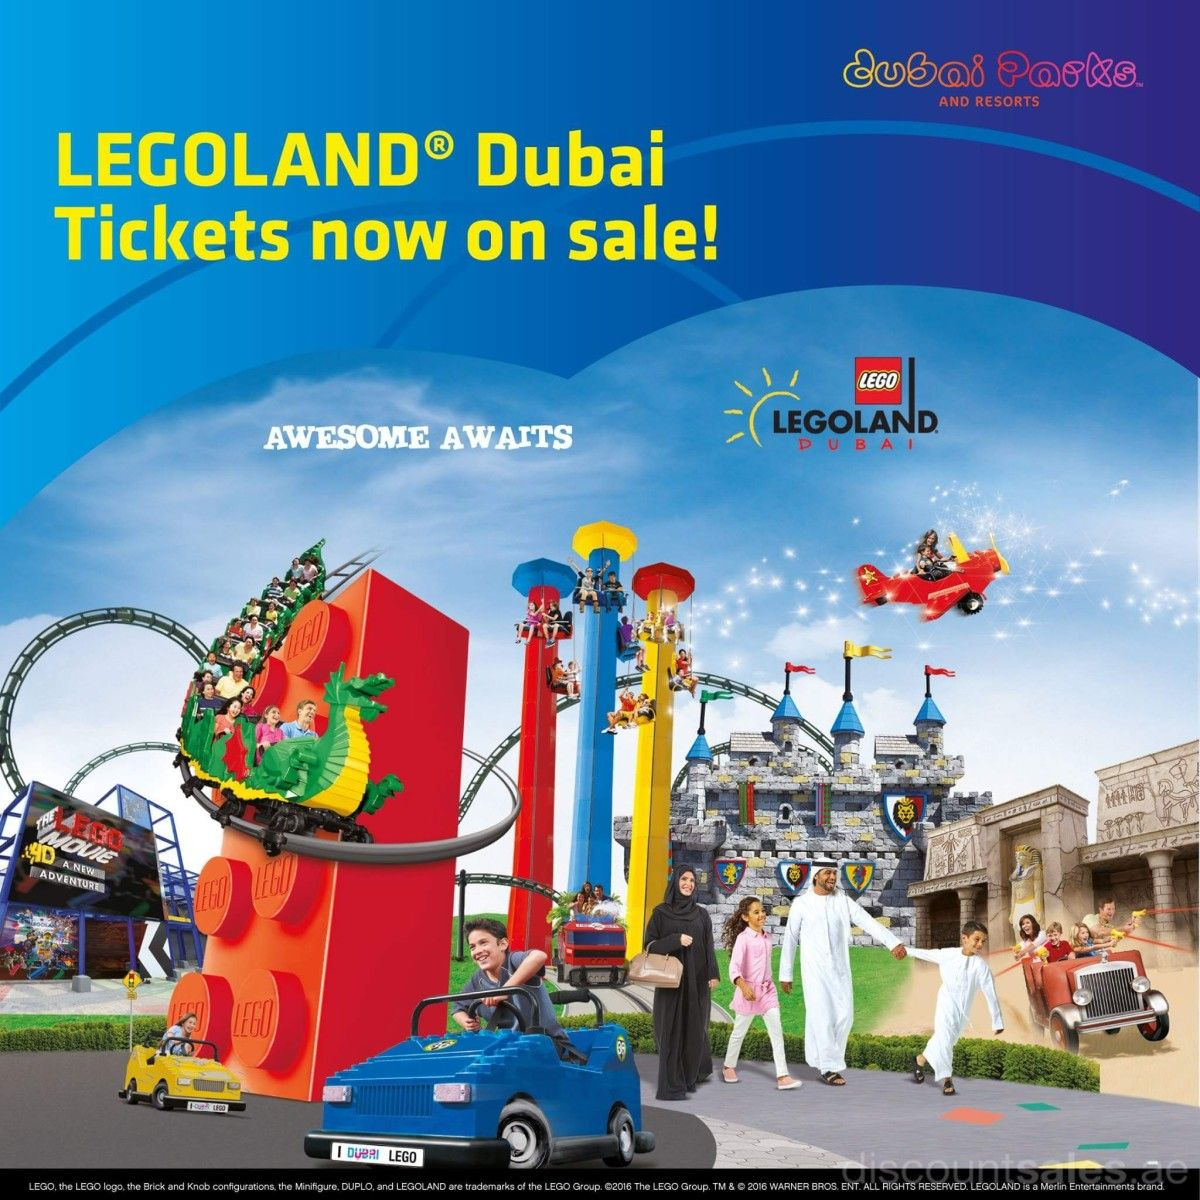 Legoland Dubai Tickets Now On Sale Dubai Tickets Legoland Dubai